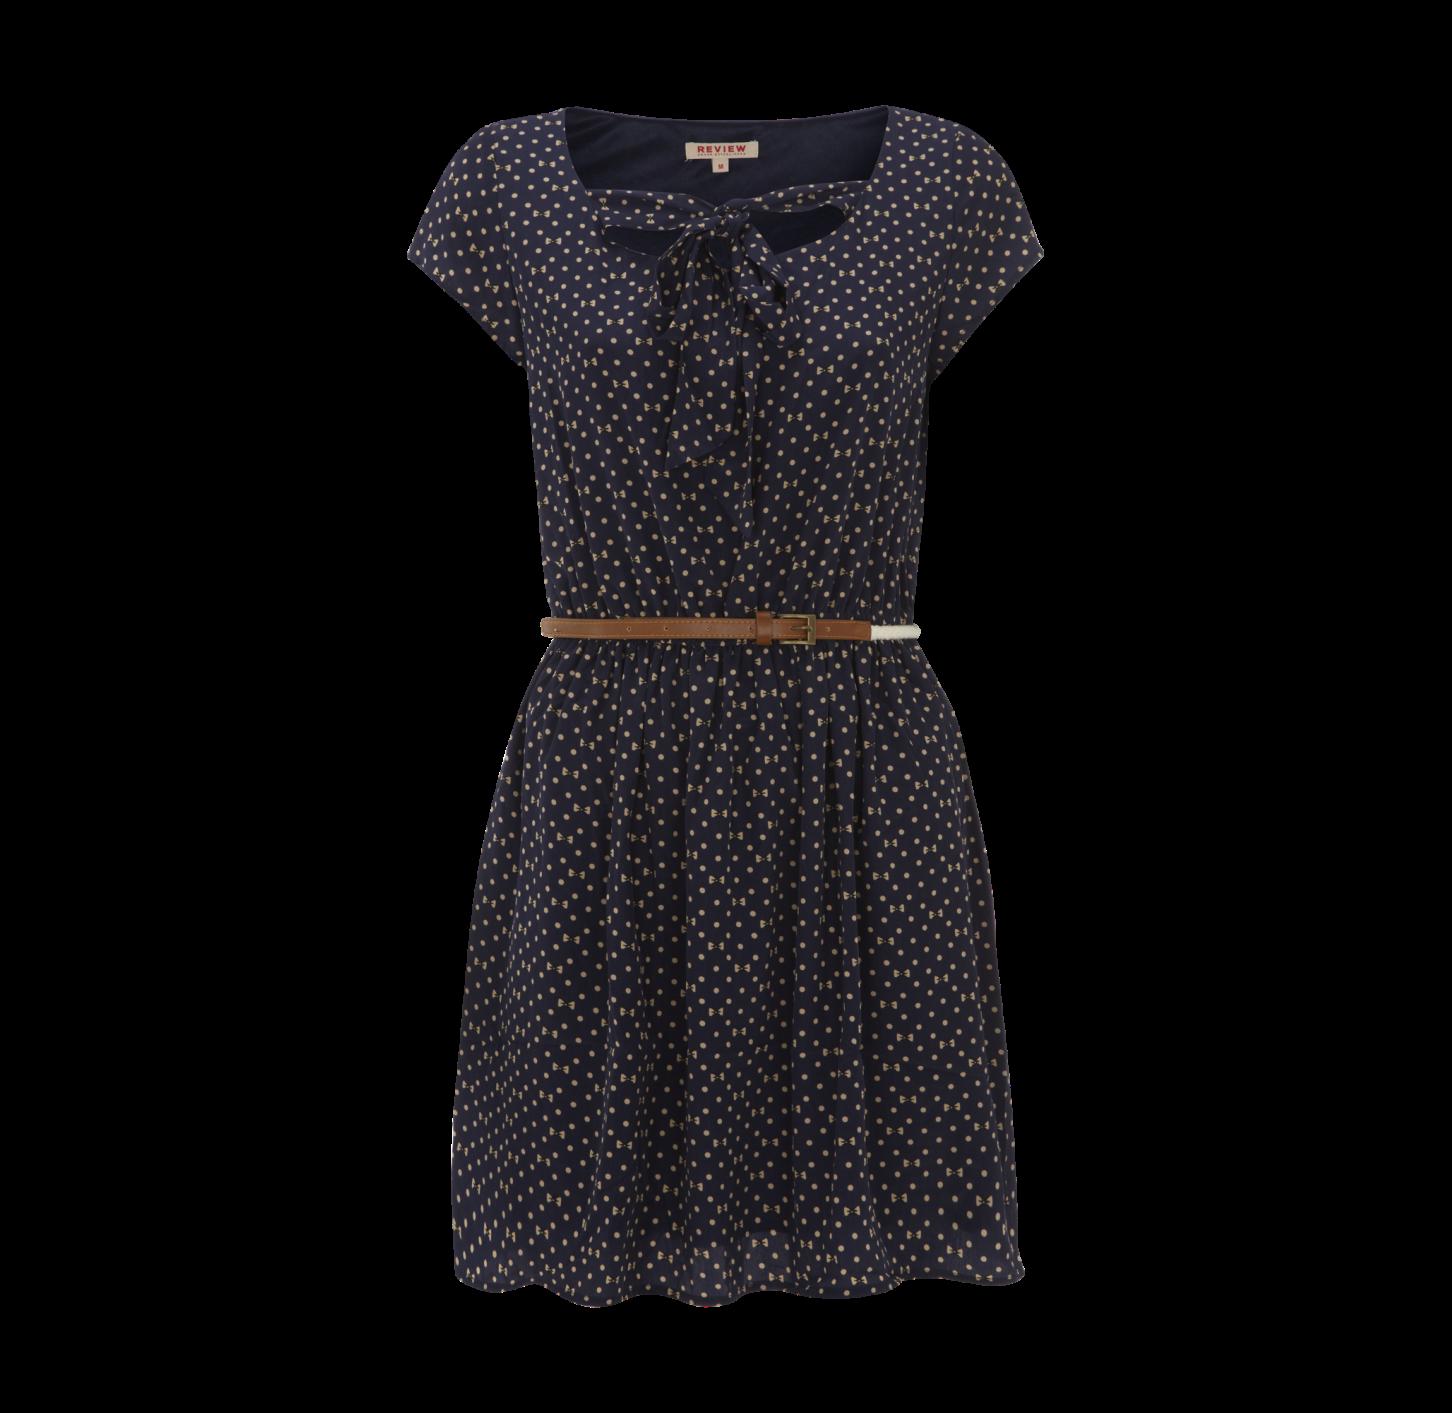 REVIEW Kleid mit Taillenraffung - Vorderansicht